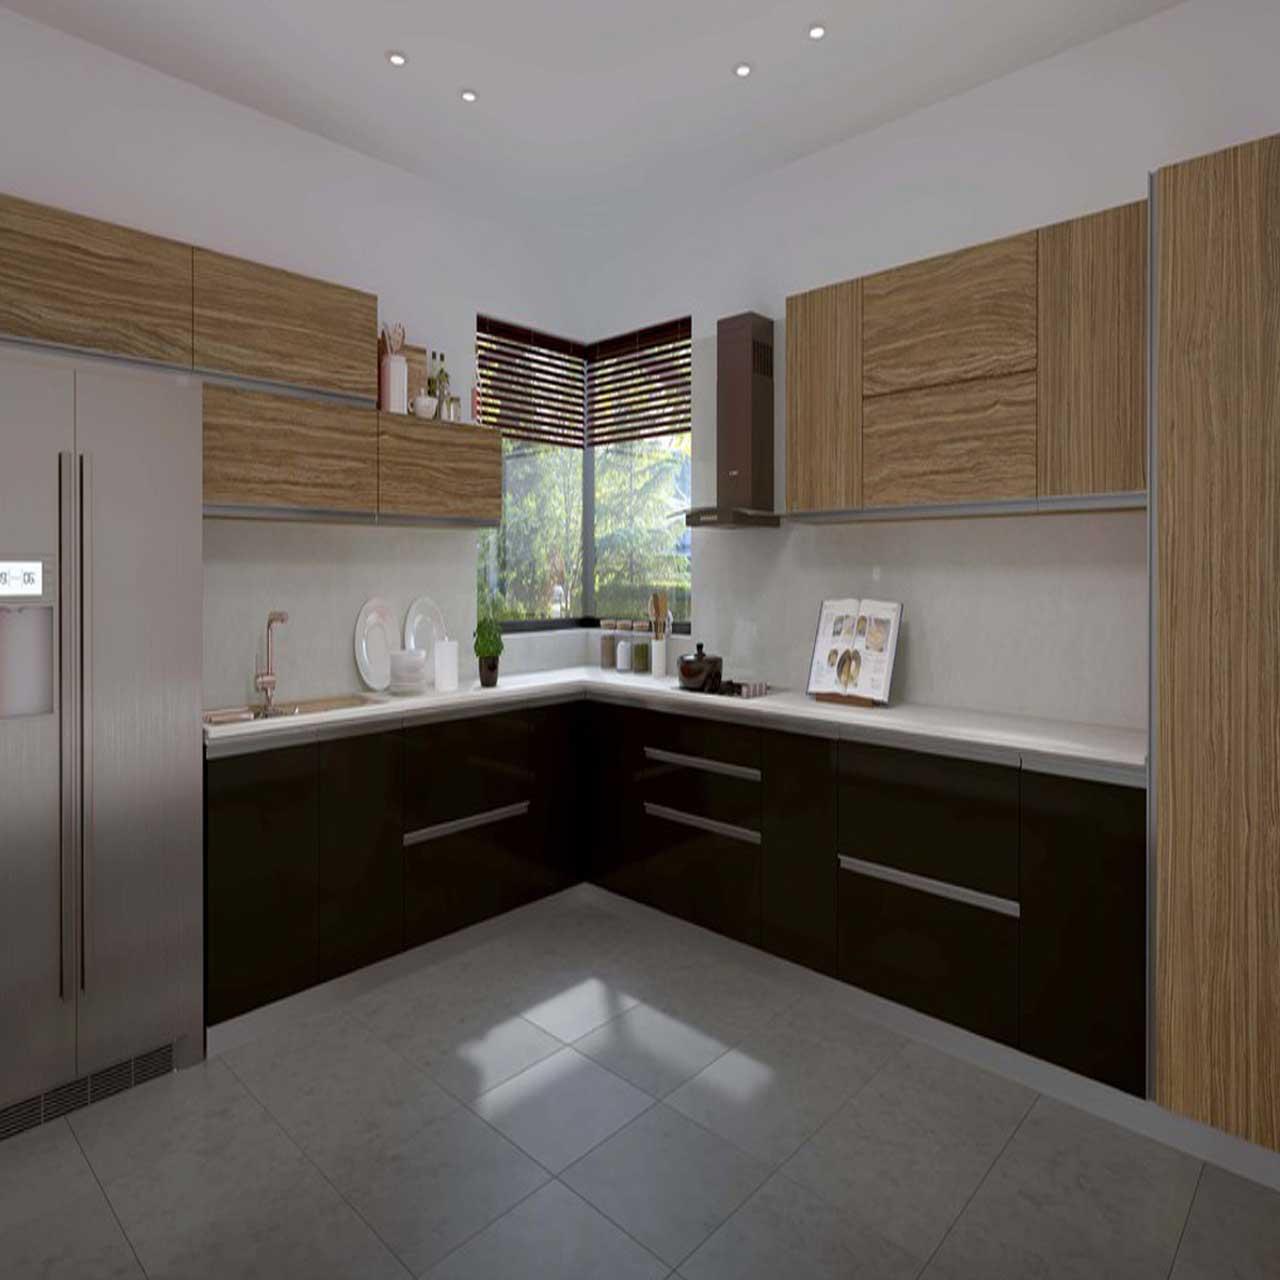 U Shaped Modular Kitchen: L Shaped - U Shaped - Parallel Modular Kitchen